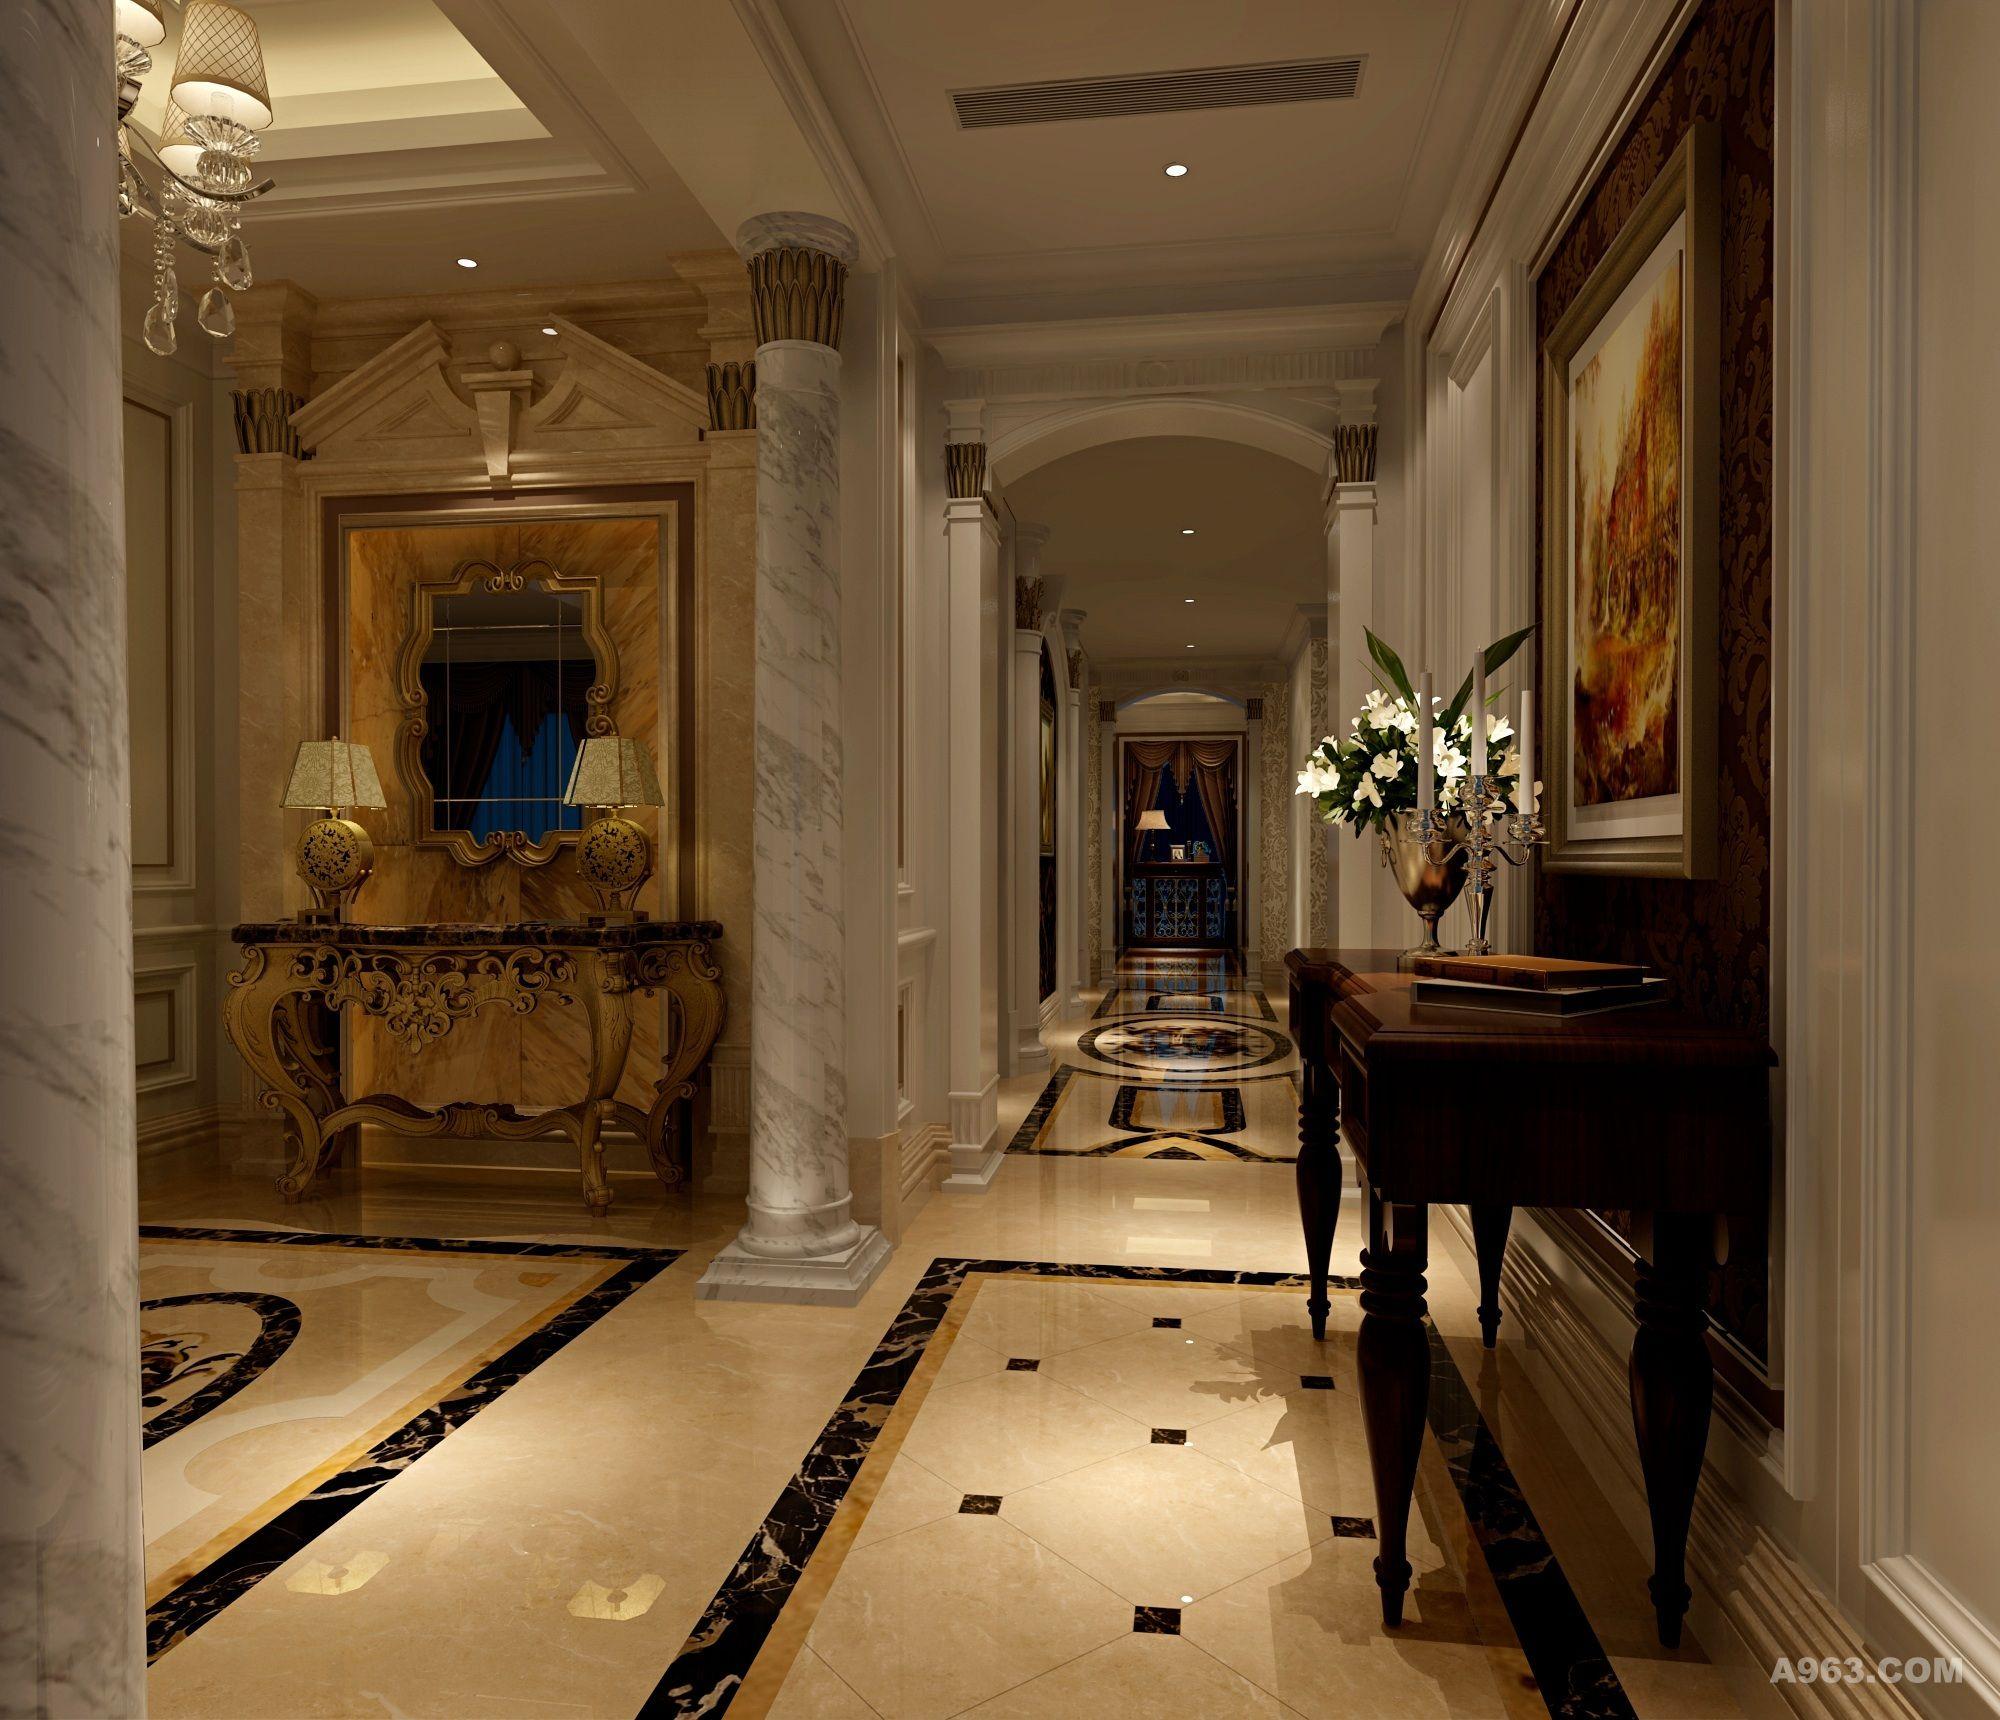 向东岛别墅装修欧式新古典风格设计方案展示!说明